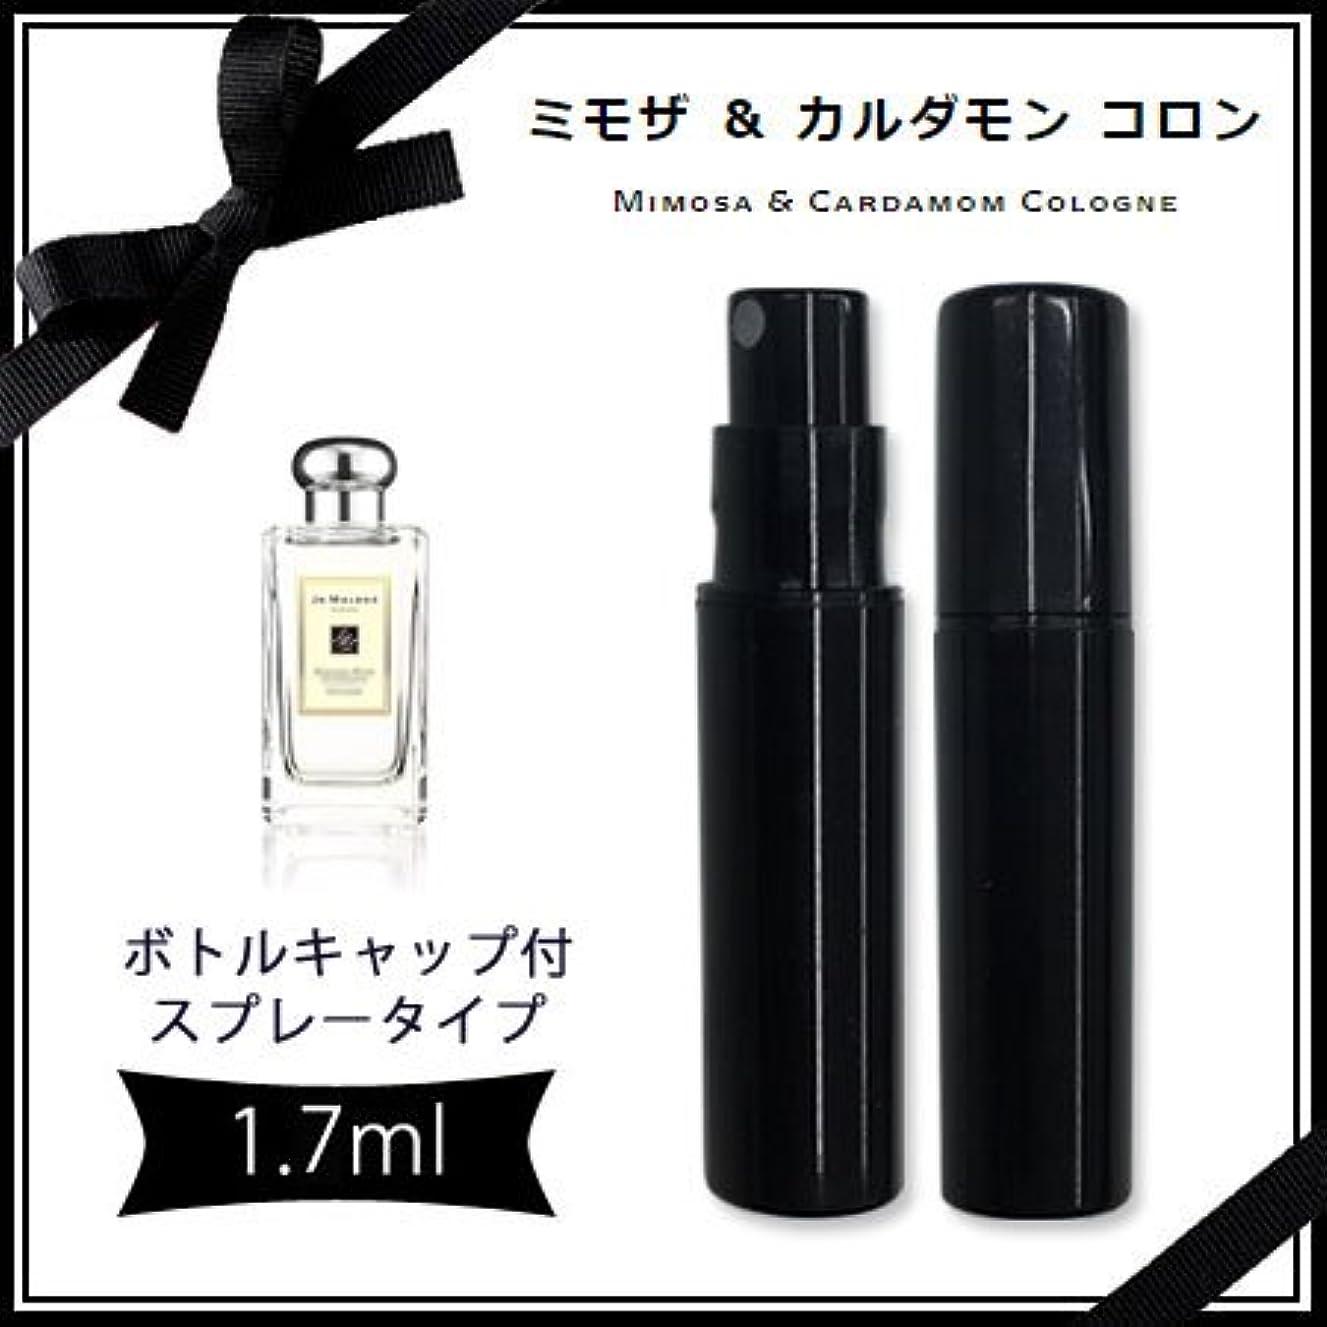 口実中級一方、ジョーマローン ミモザ & カルダモン コロン 1.7ml スプレーボトル -JO MALONE-